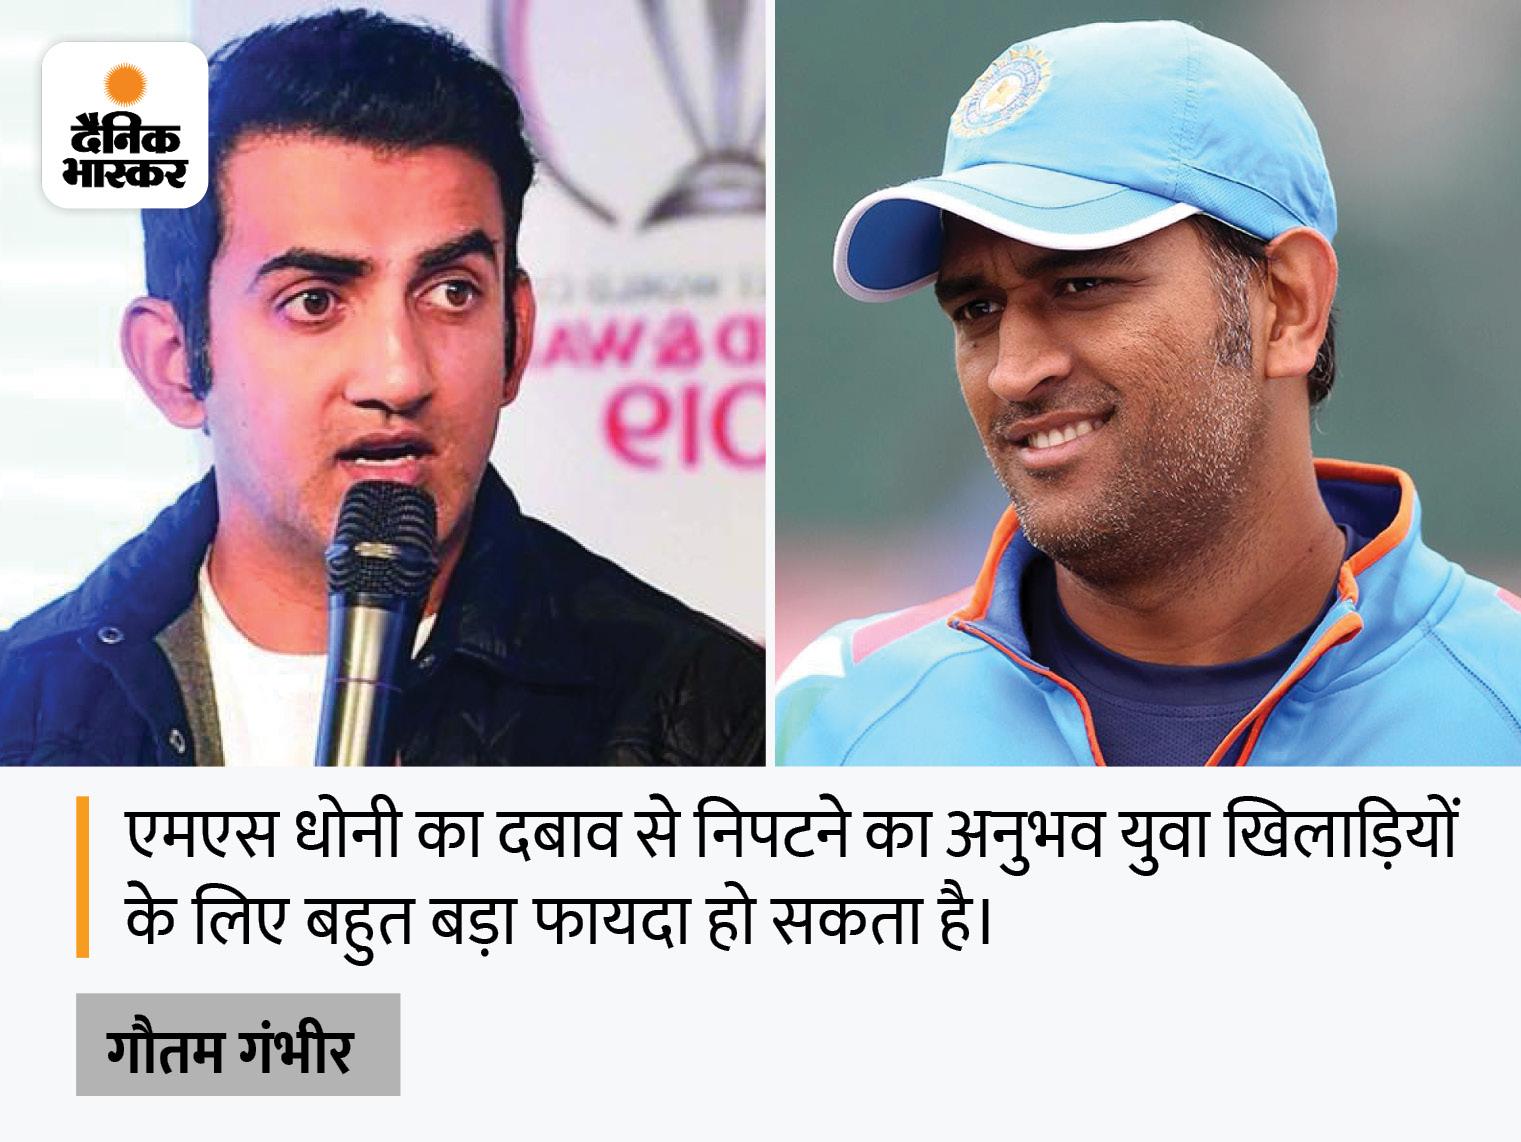 इंडिया के मेंटर बने पूर्व कप्तान, गंभीर बोले- नॉकआउट राउंड से बाहर होने की प्रॉब्लम होगी सॉल्व|क्रिकेट,Cricket - Dainik Bhaskar